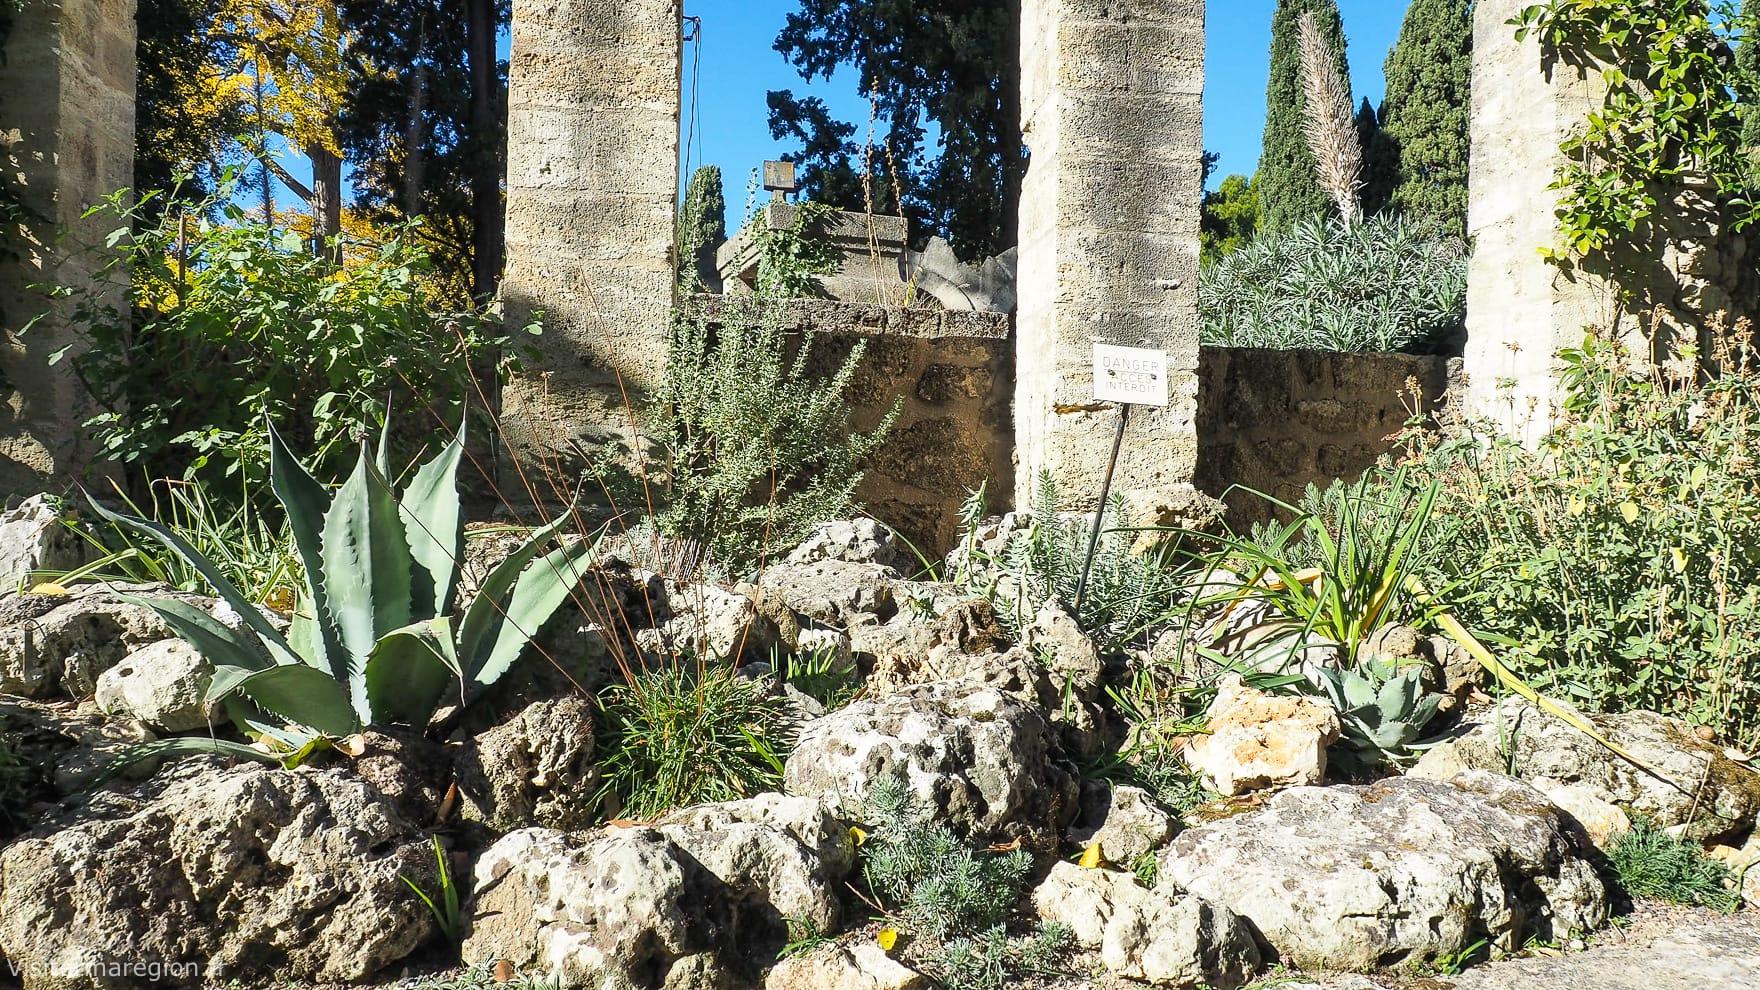 Jardin des plantes botanique de montpellier horaires - Jardin des plantes angers horaires ...